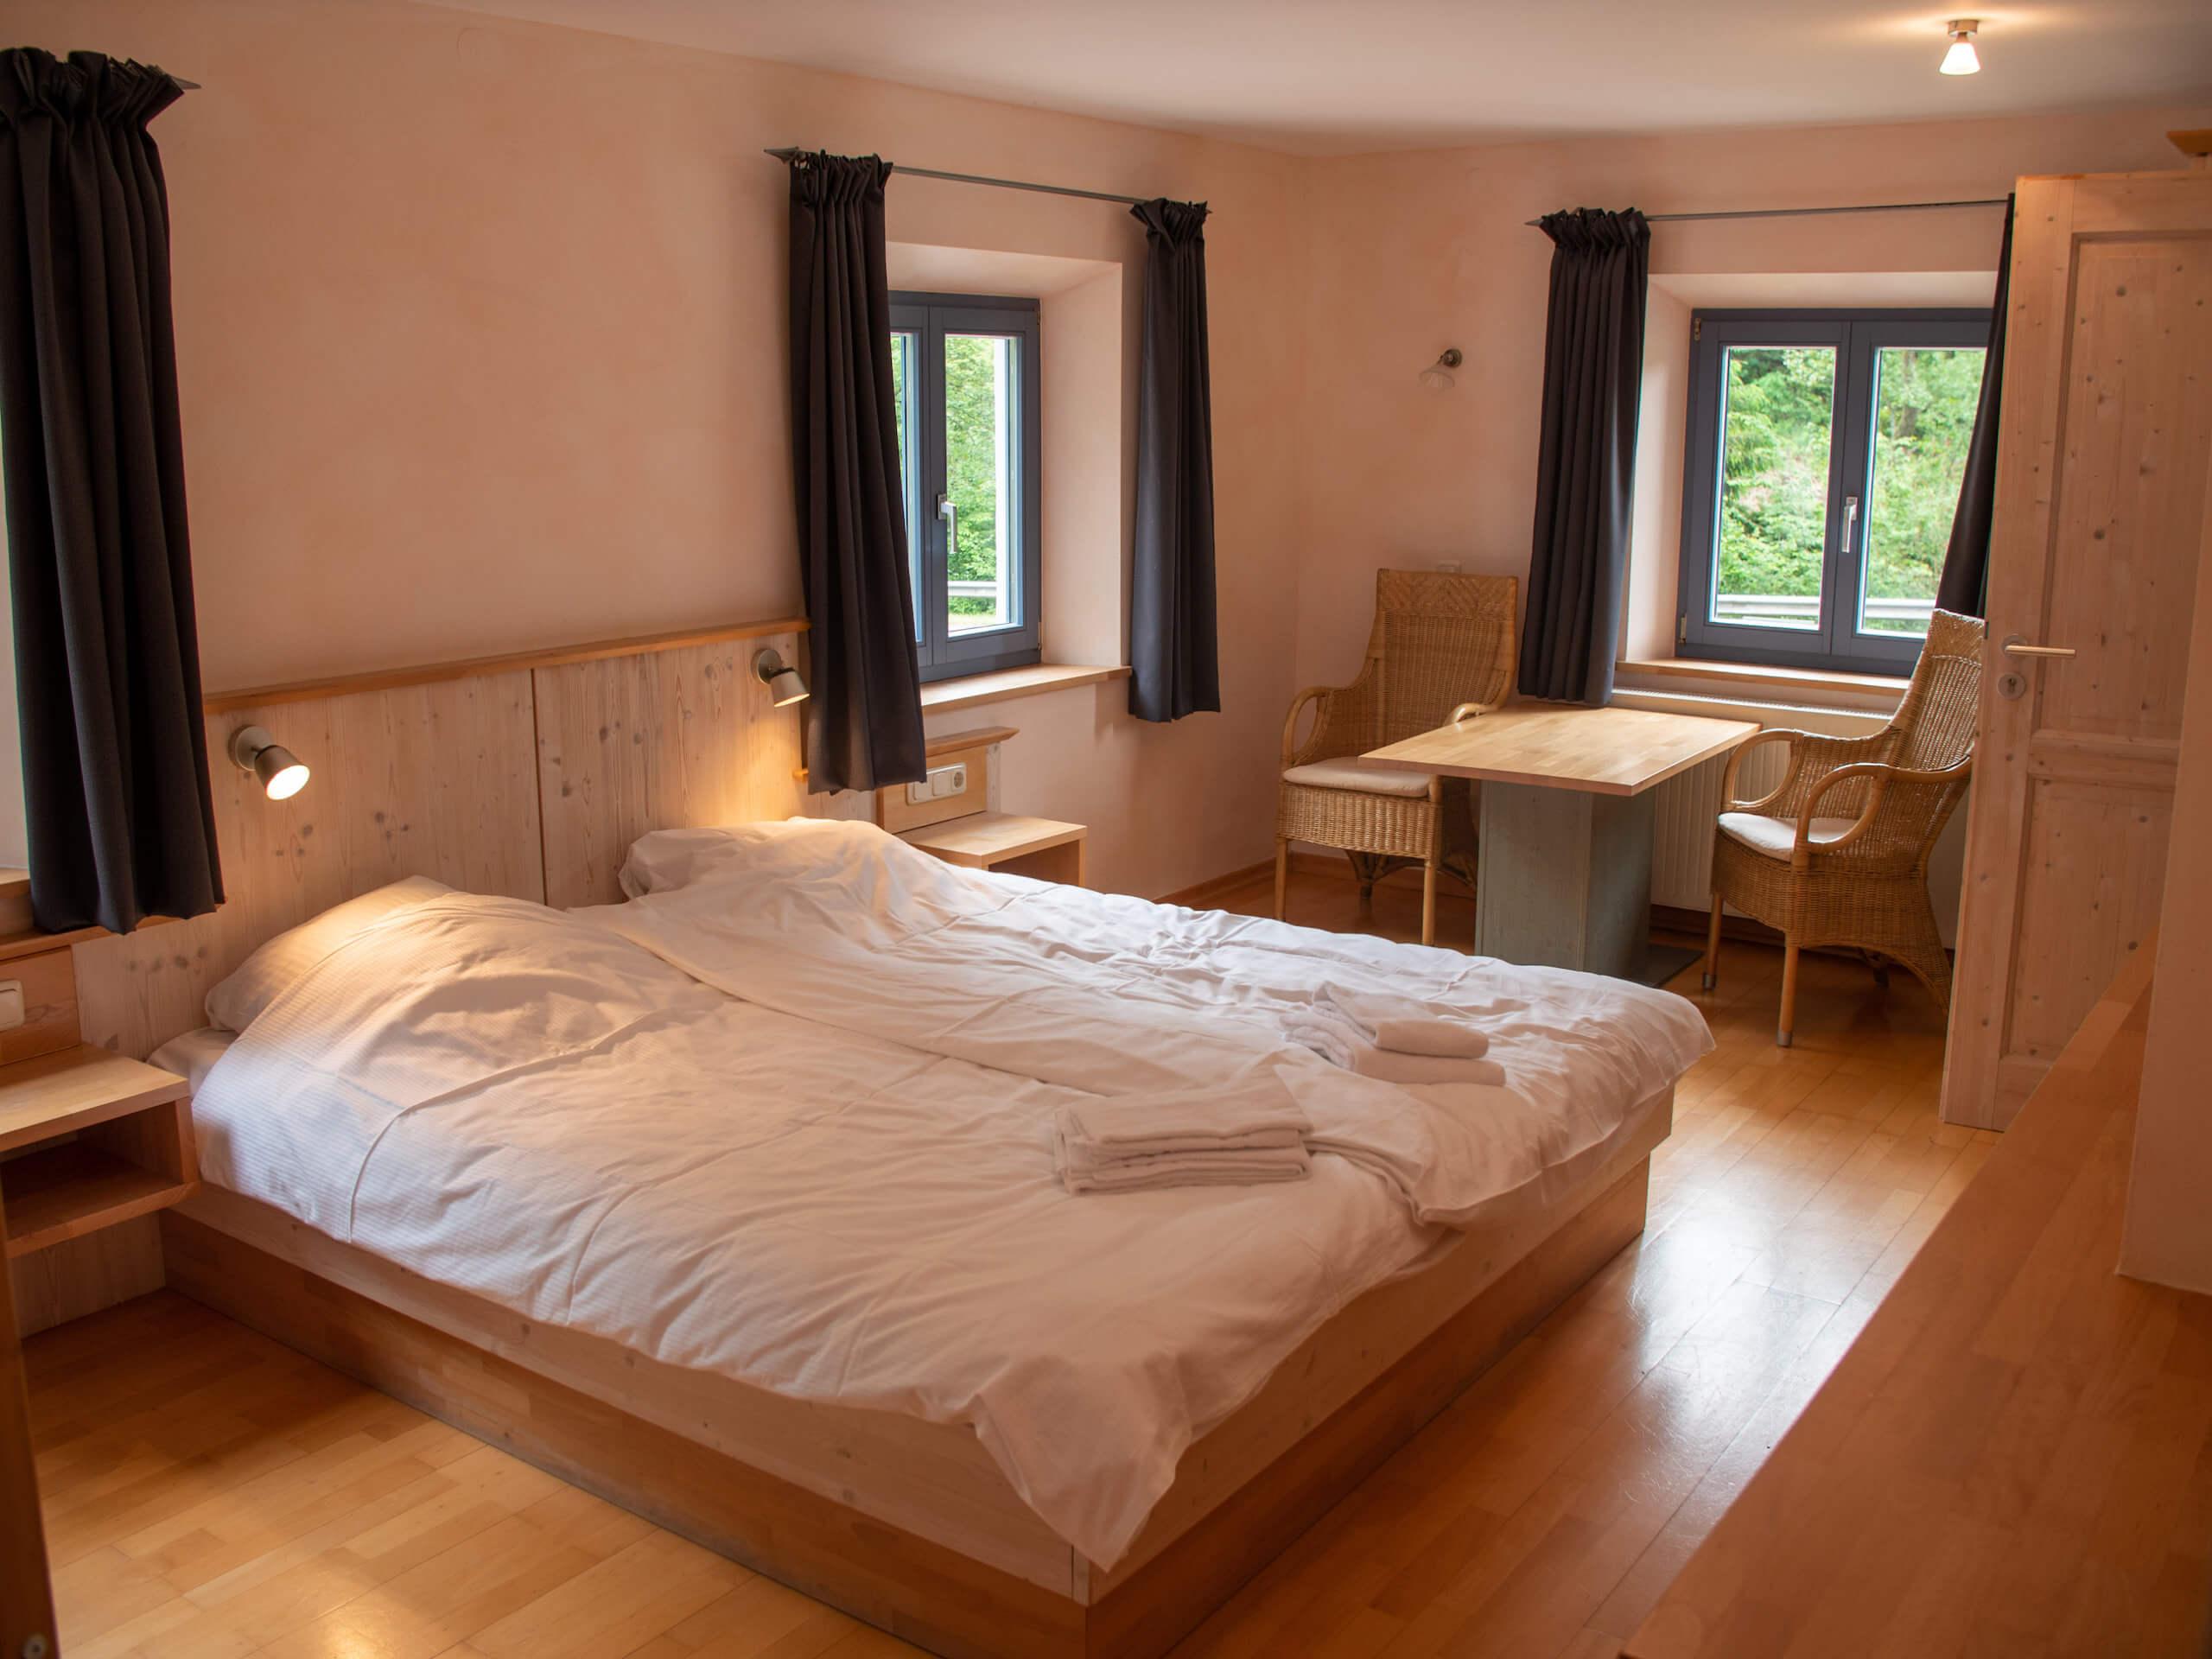 Innen - Schlafzimmer #4